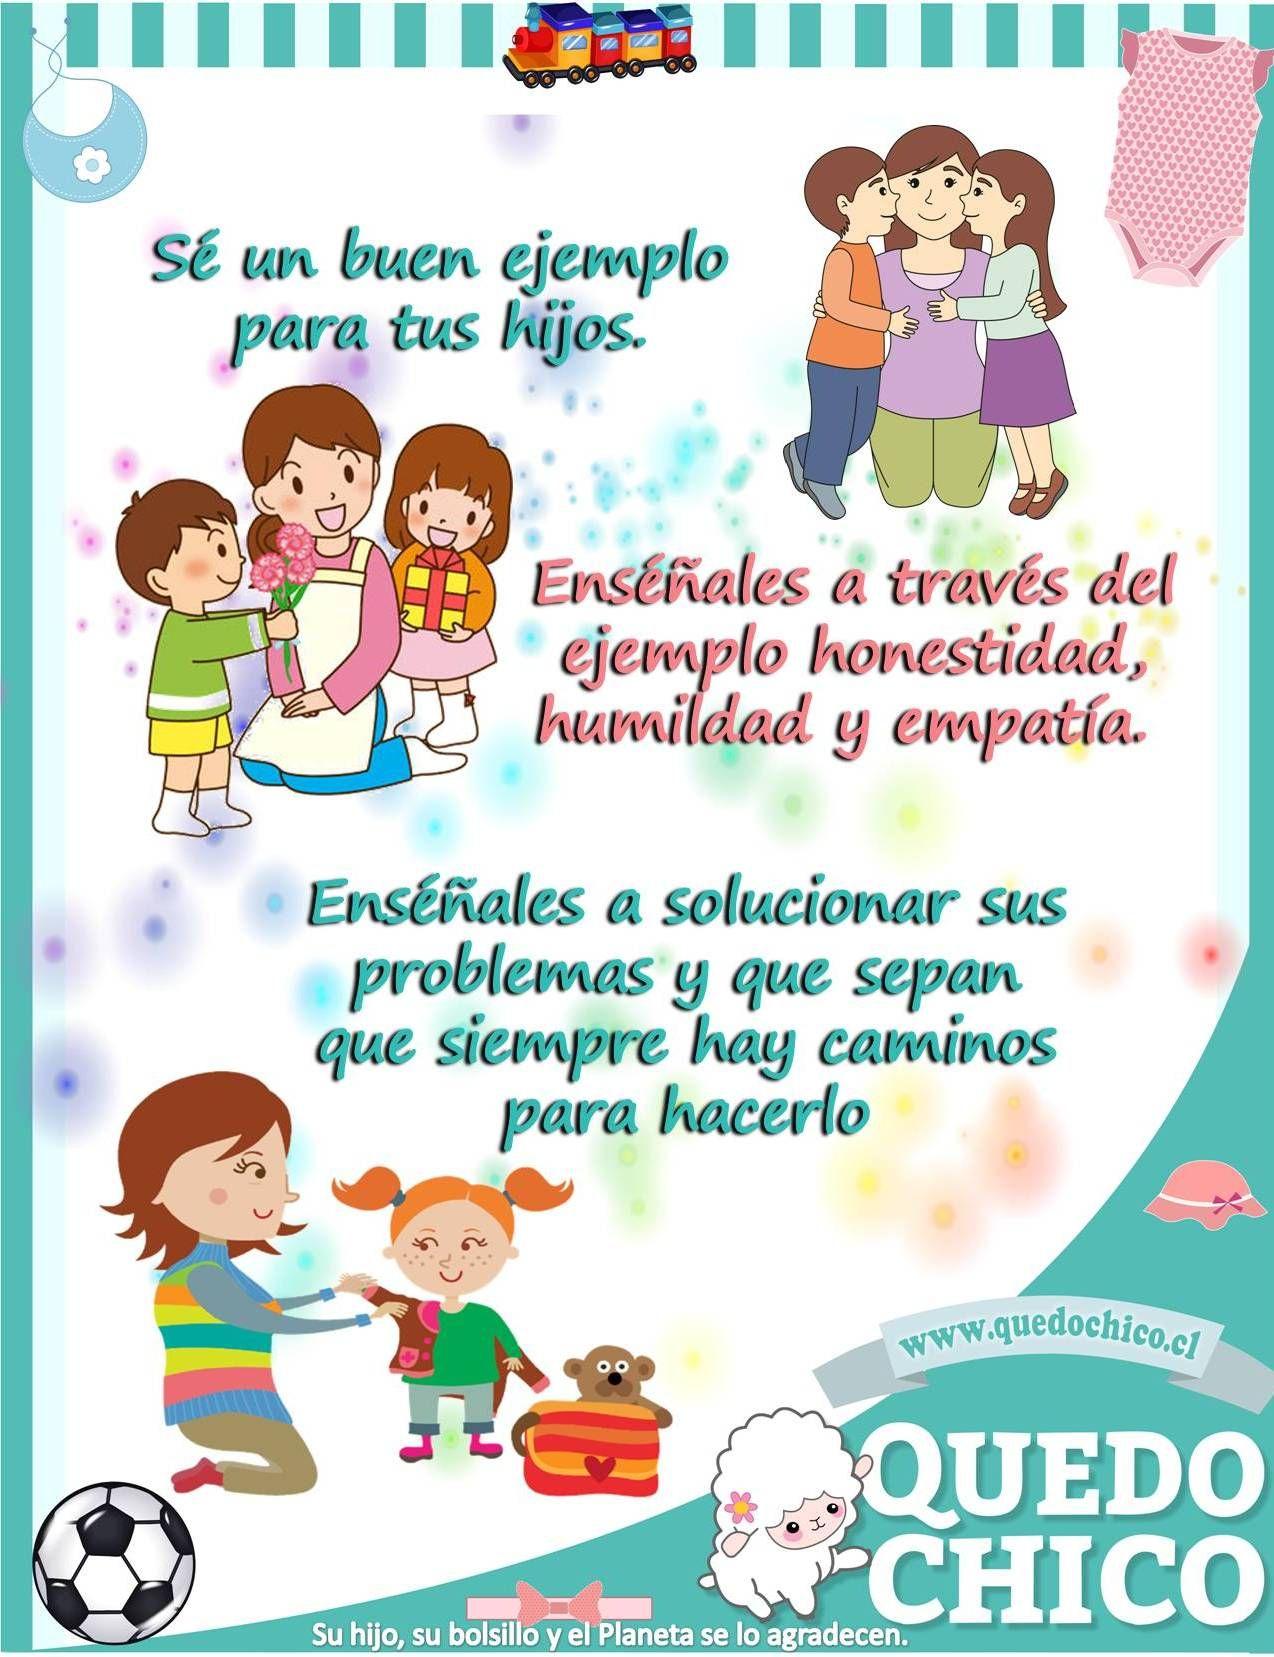 El Amor Por Los Hijos Es Incondicional Quedochico Hijos Padre Y Madre Niños